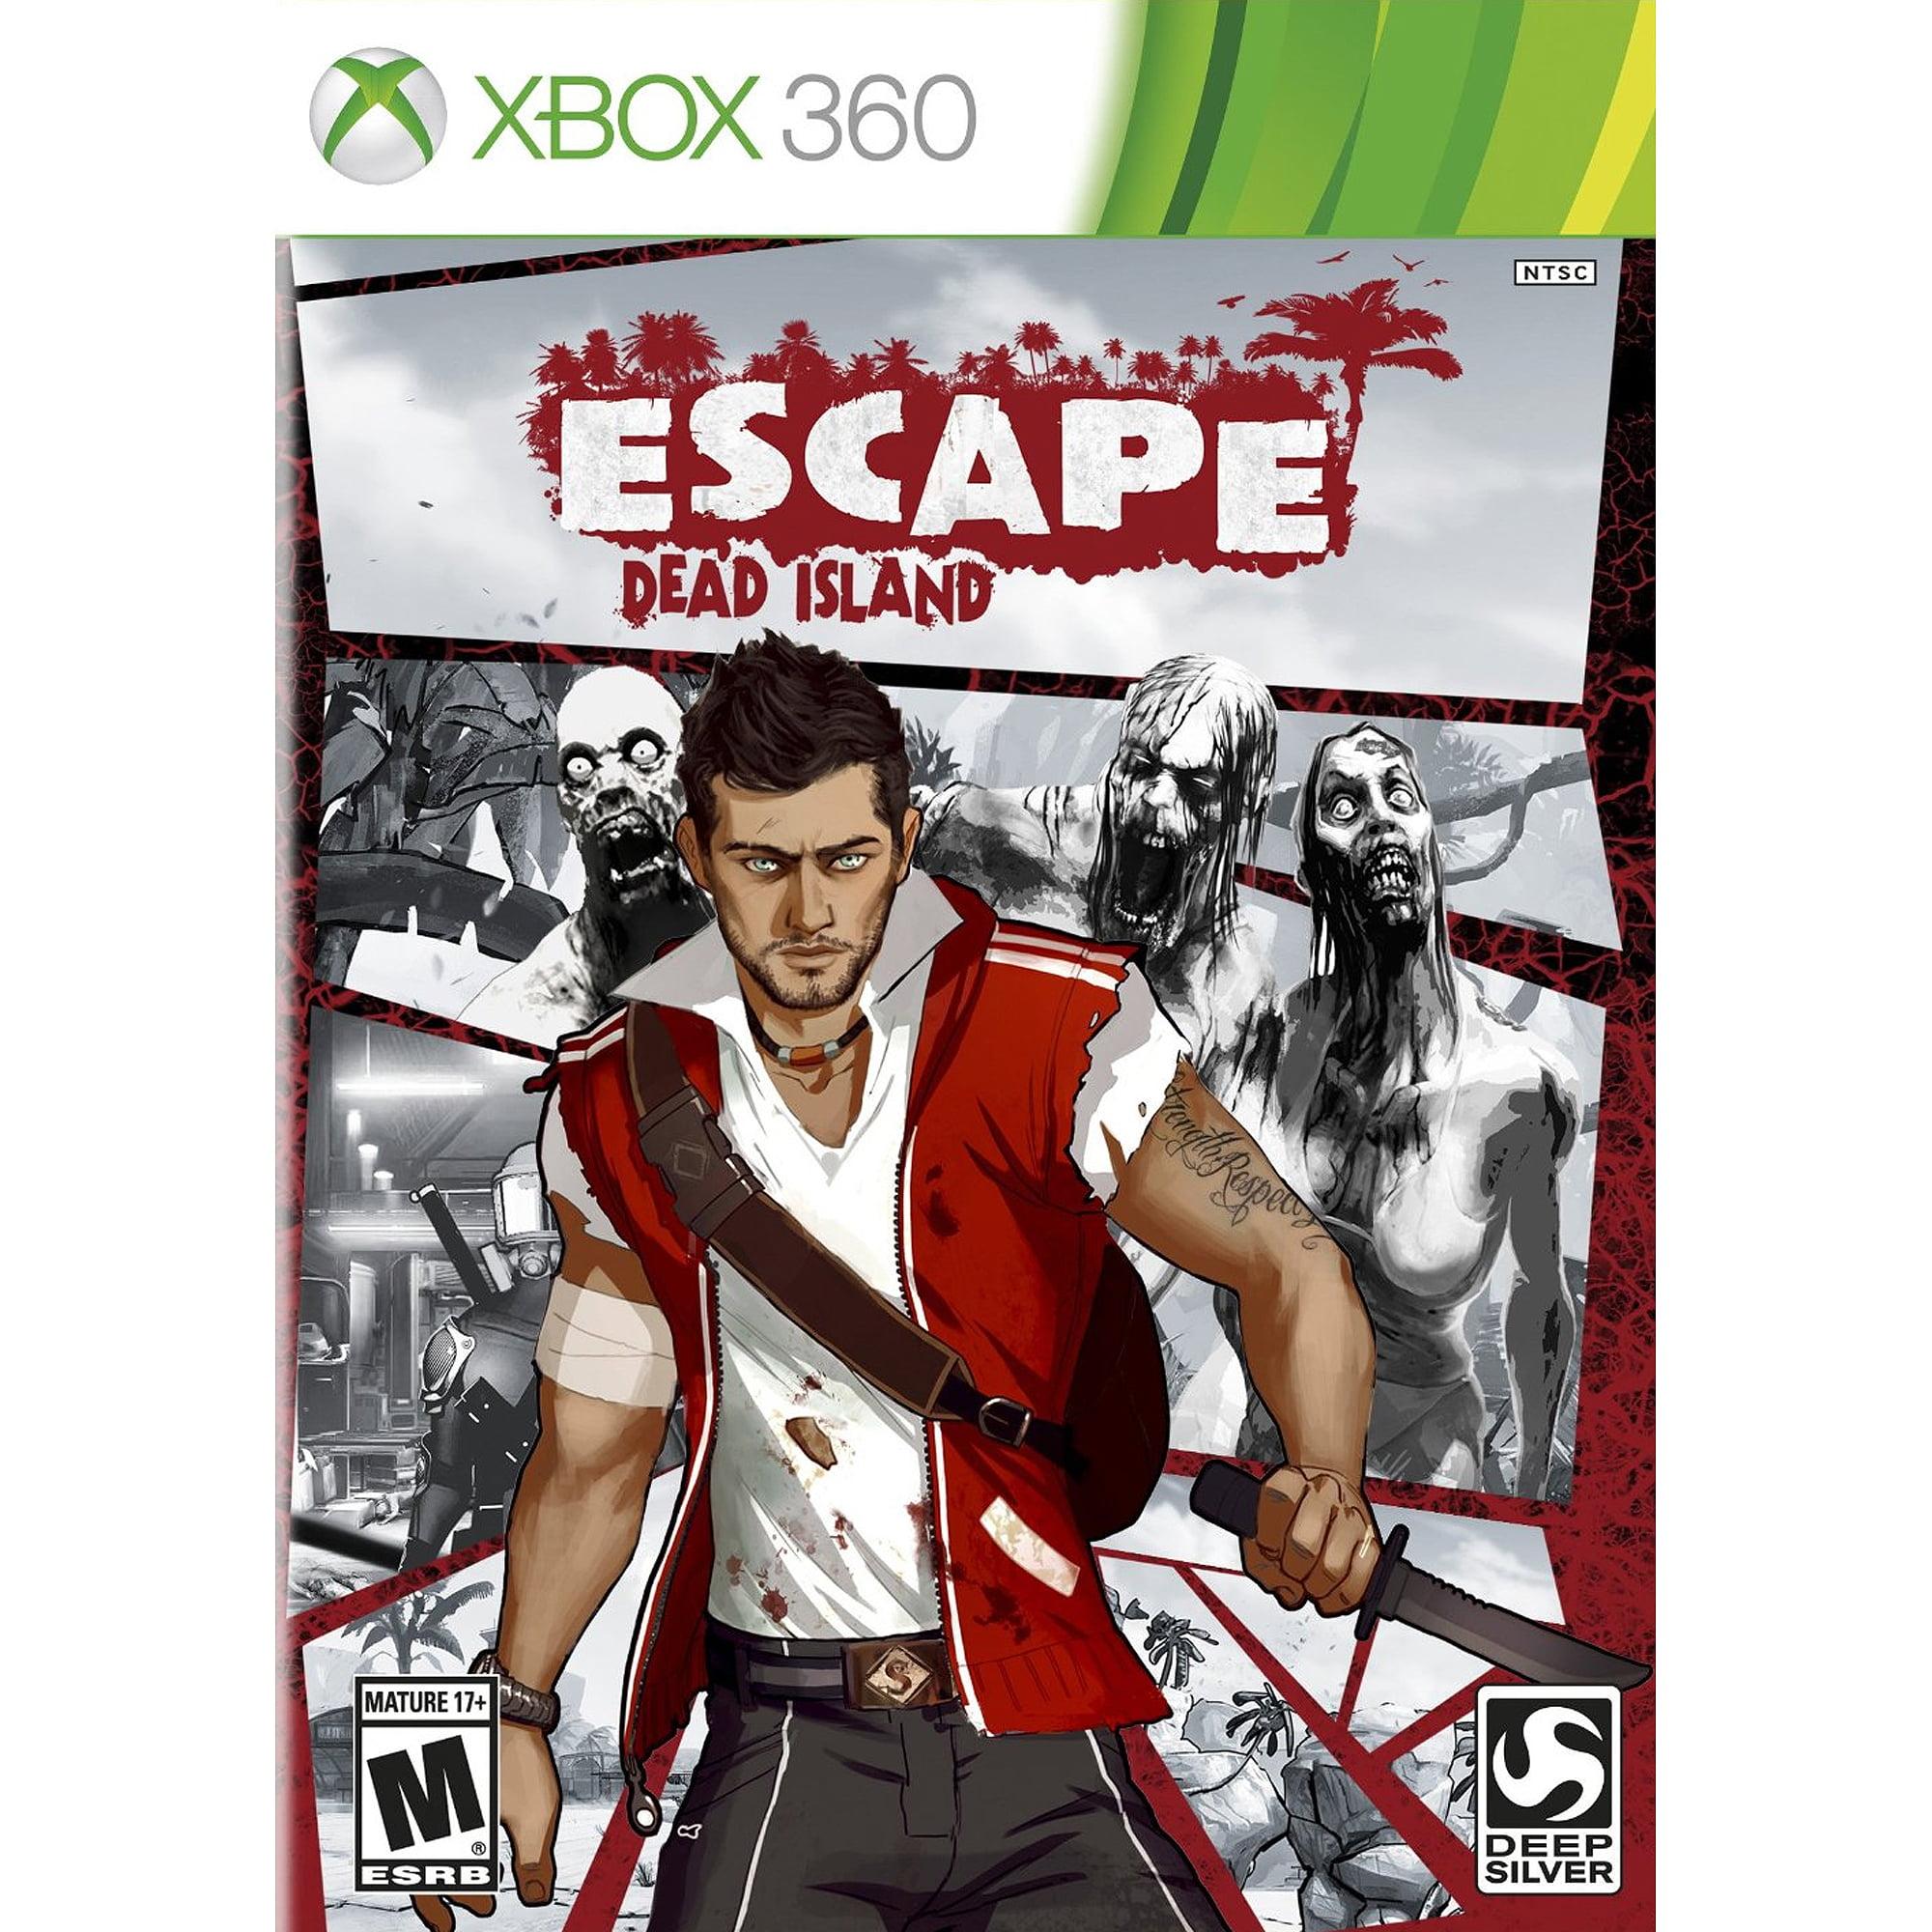 Escape from Dead Island (Xbox 360)